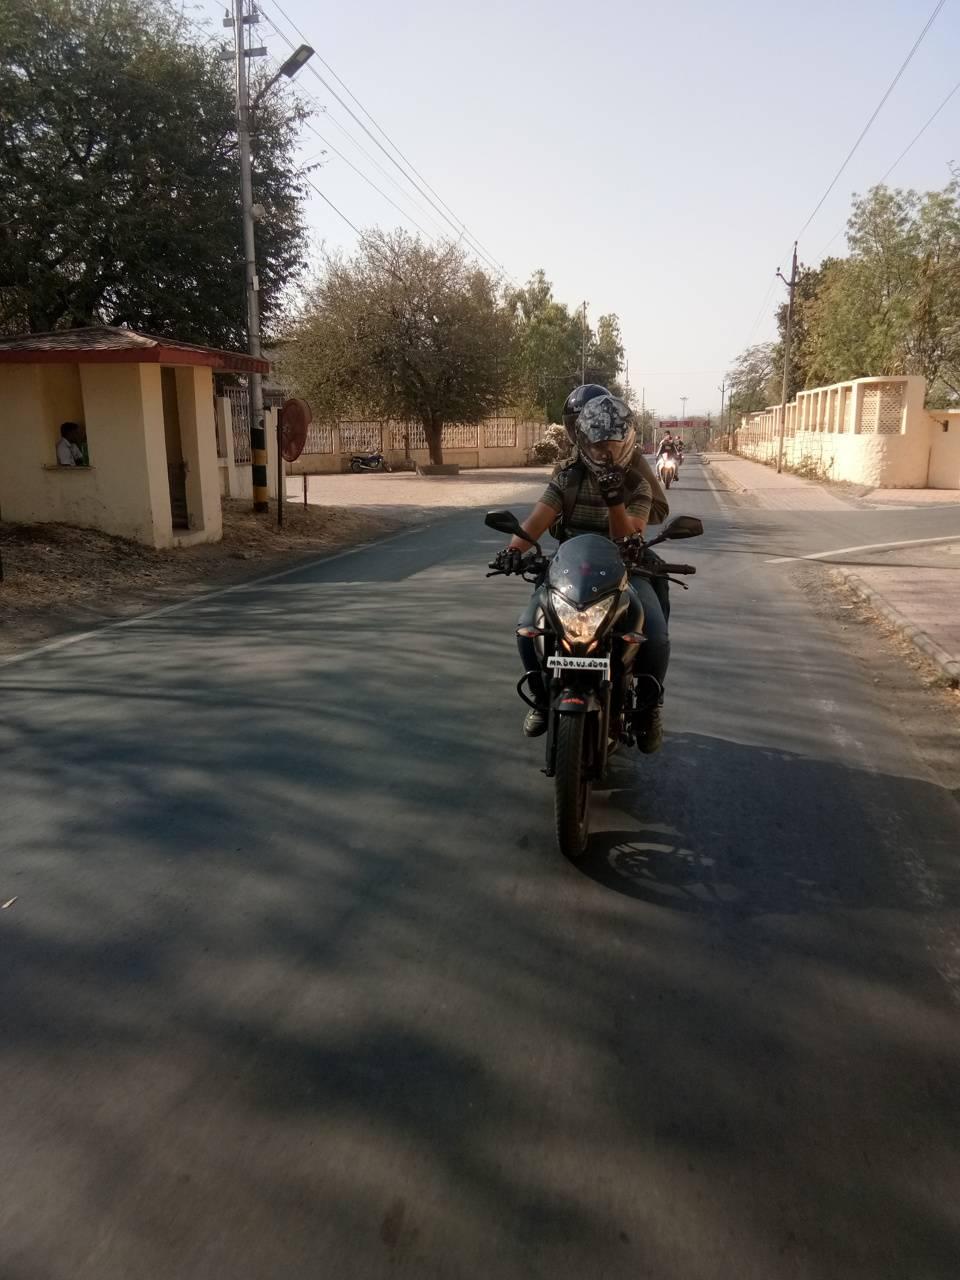 Rider wallpaper